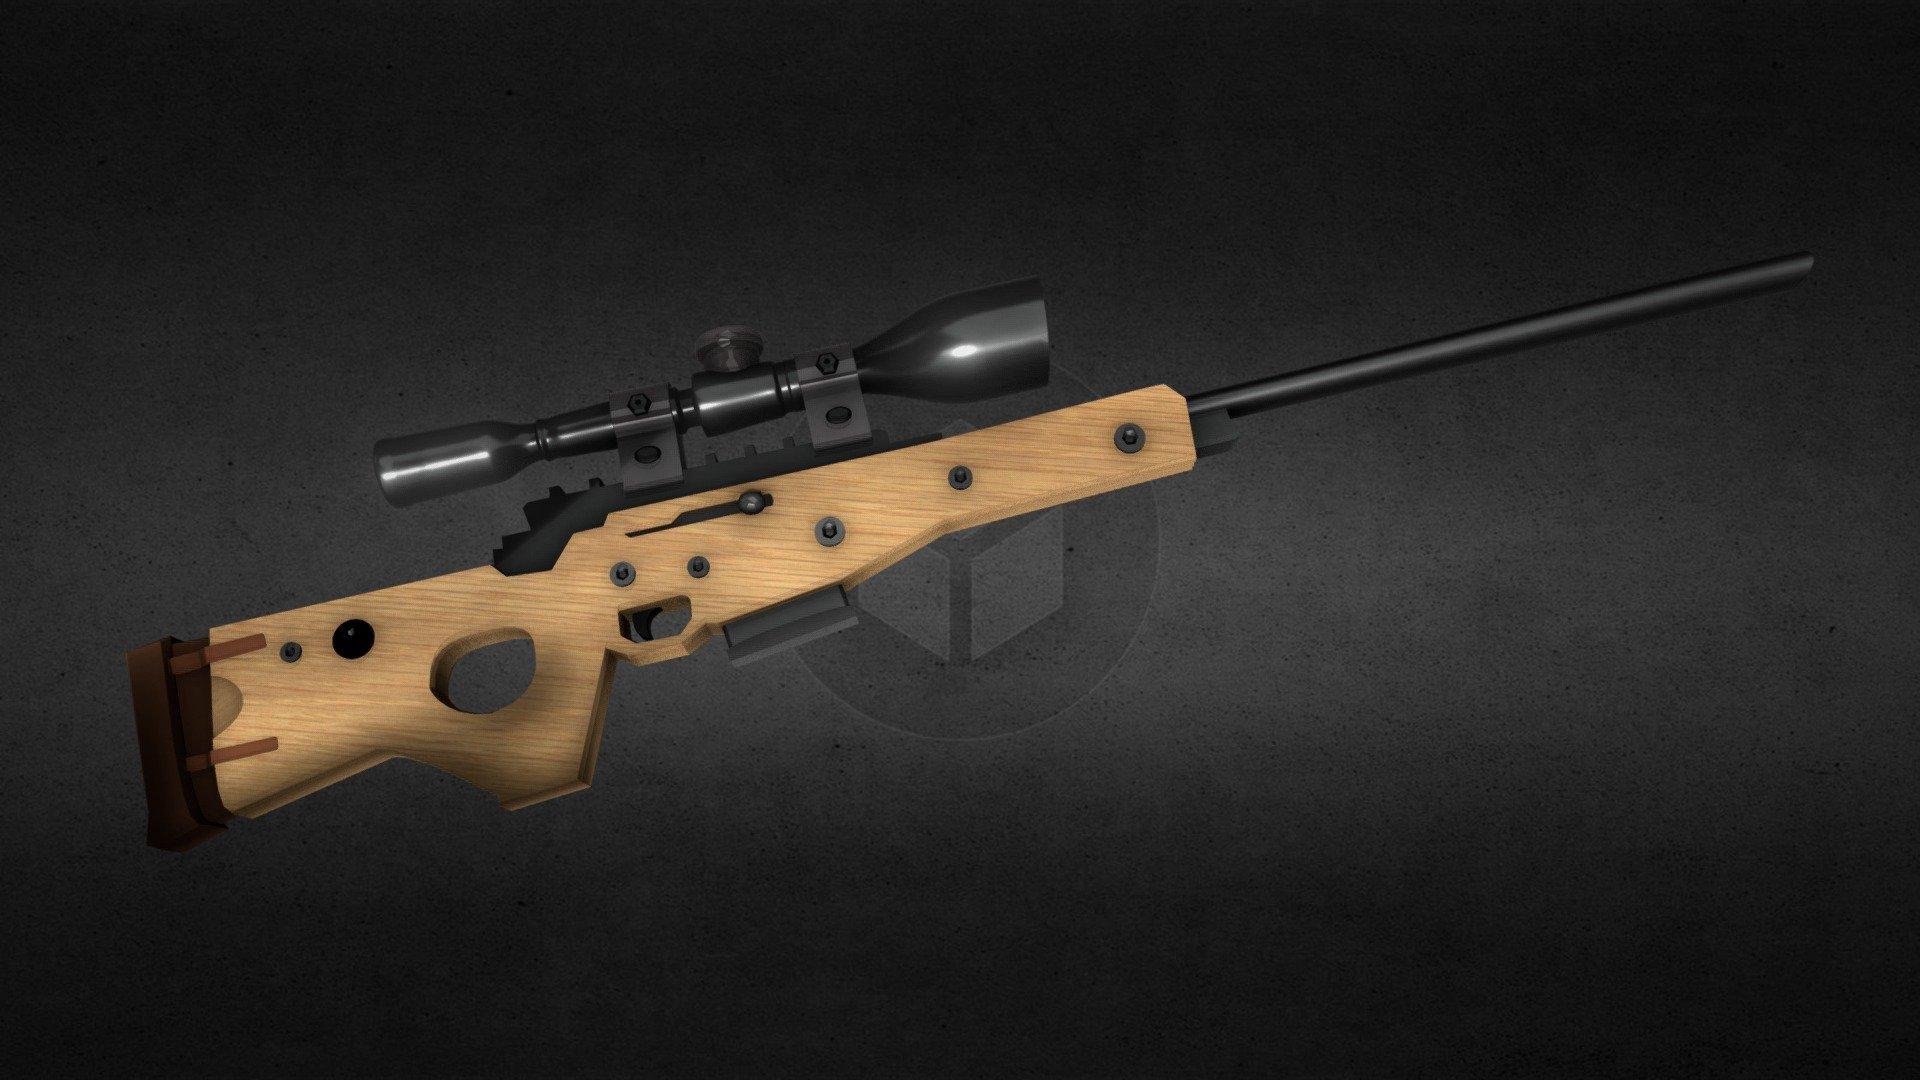 Fortnite Bolt Action Rifle Download Free 3d Model By Vincentj Vincentj Ab69ca7 Sketchfab